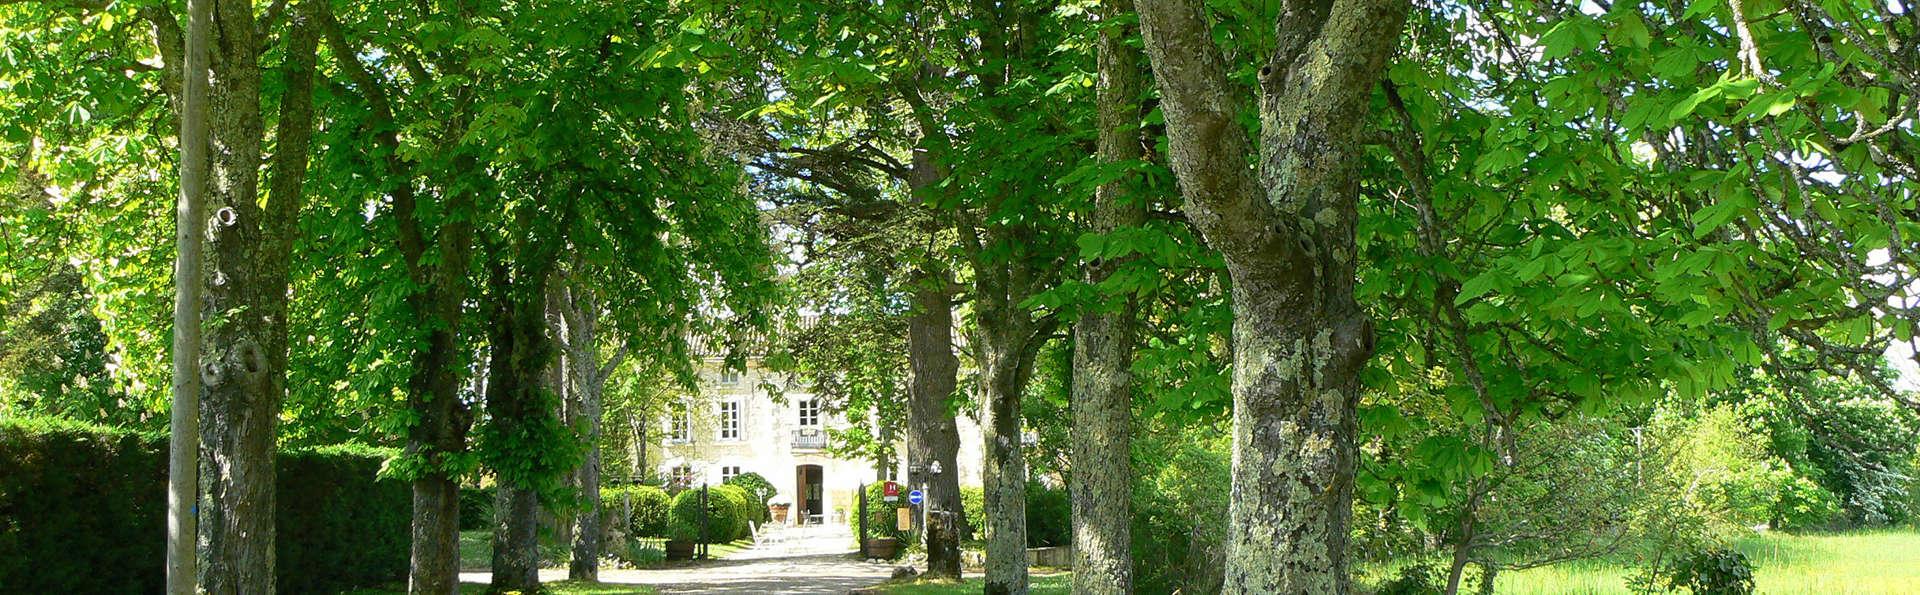 Château de l'Hoste - EDIT_exterior.jpg